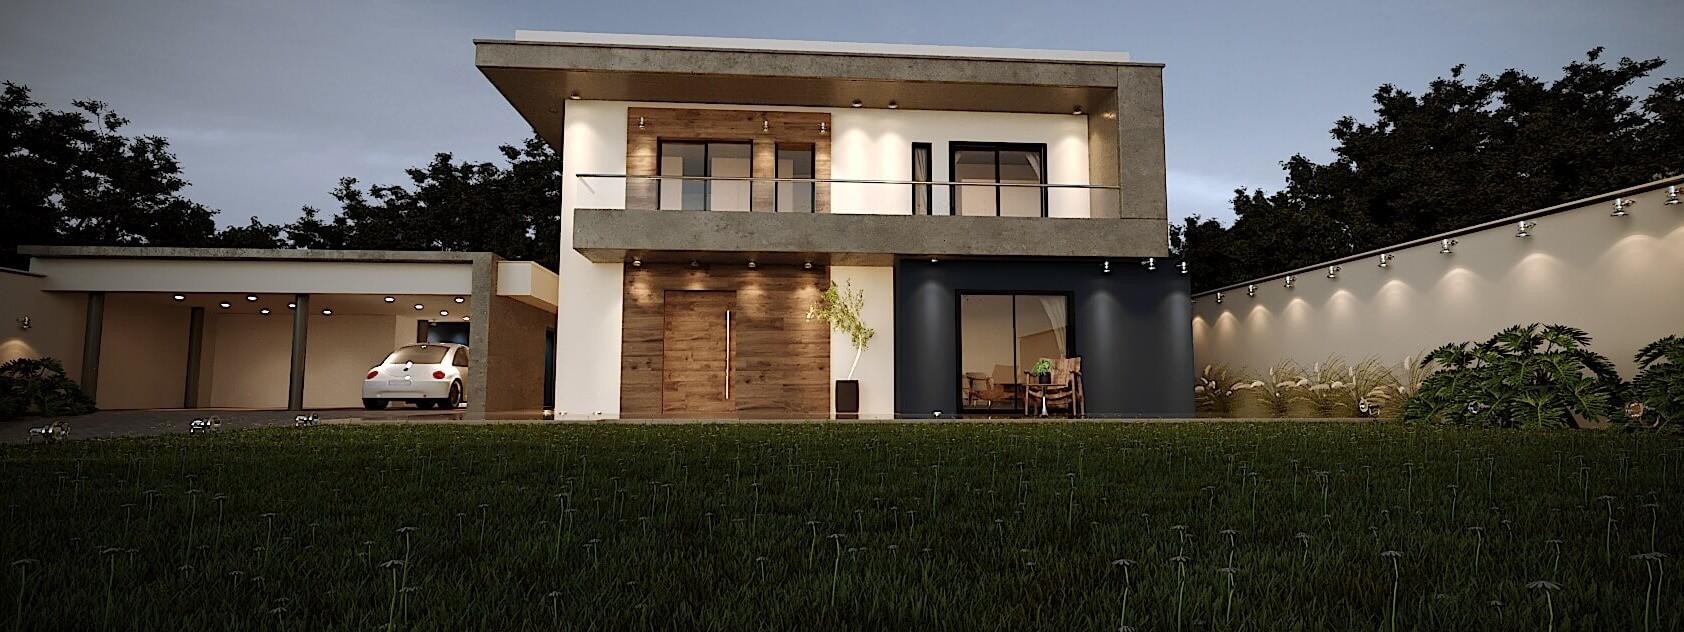 gramado Casa Fachada Contemporânea detalhe madeira concreto e parede azul